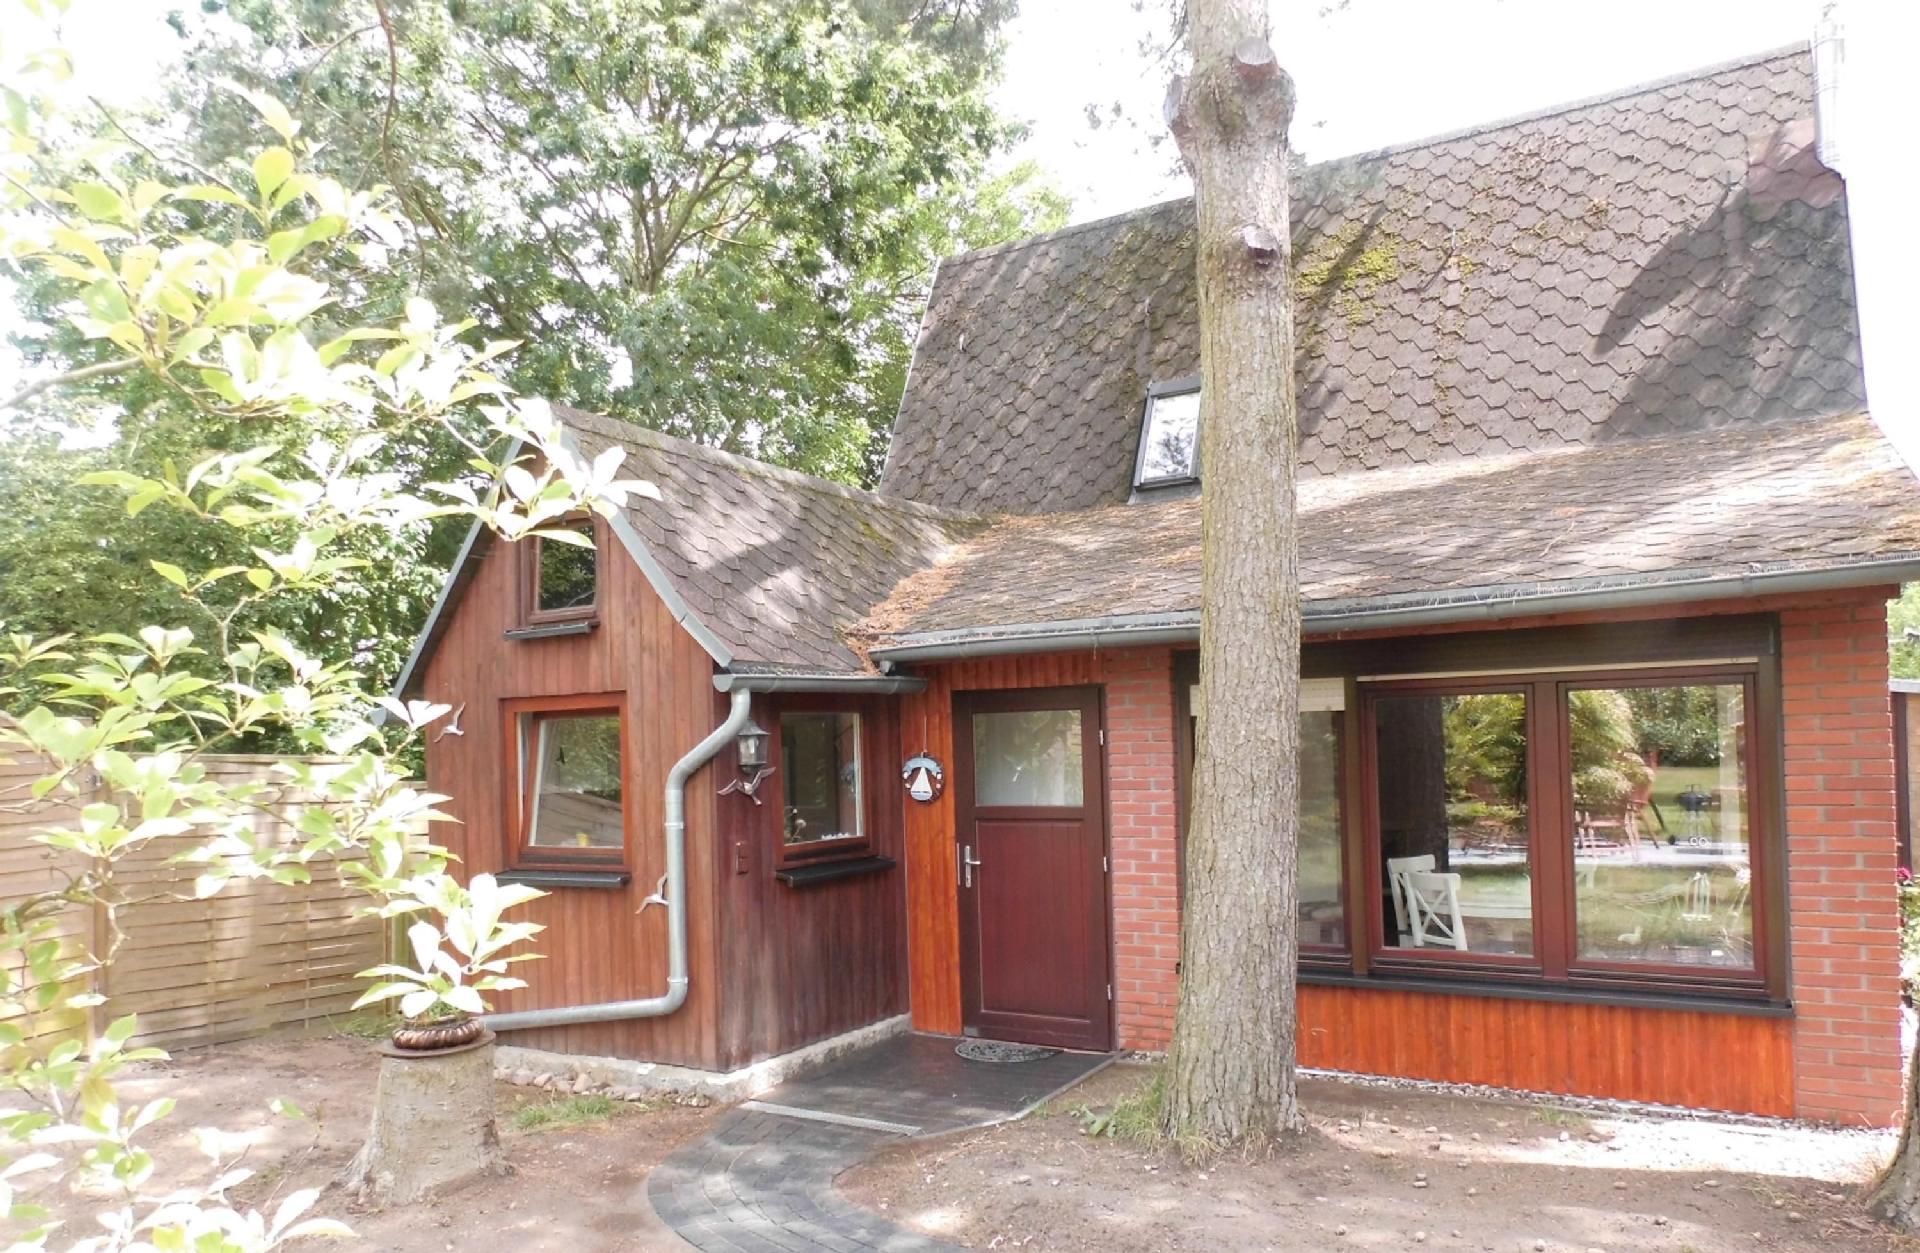 Ferienhaus für 5 Personen ca. 70 m² in A  auf Rügen